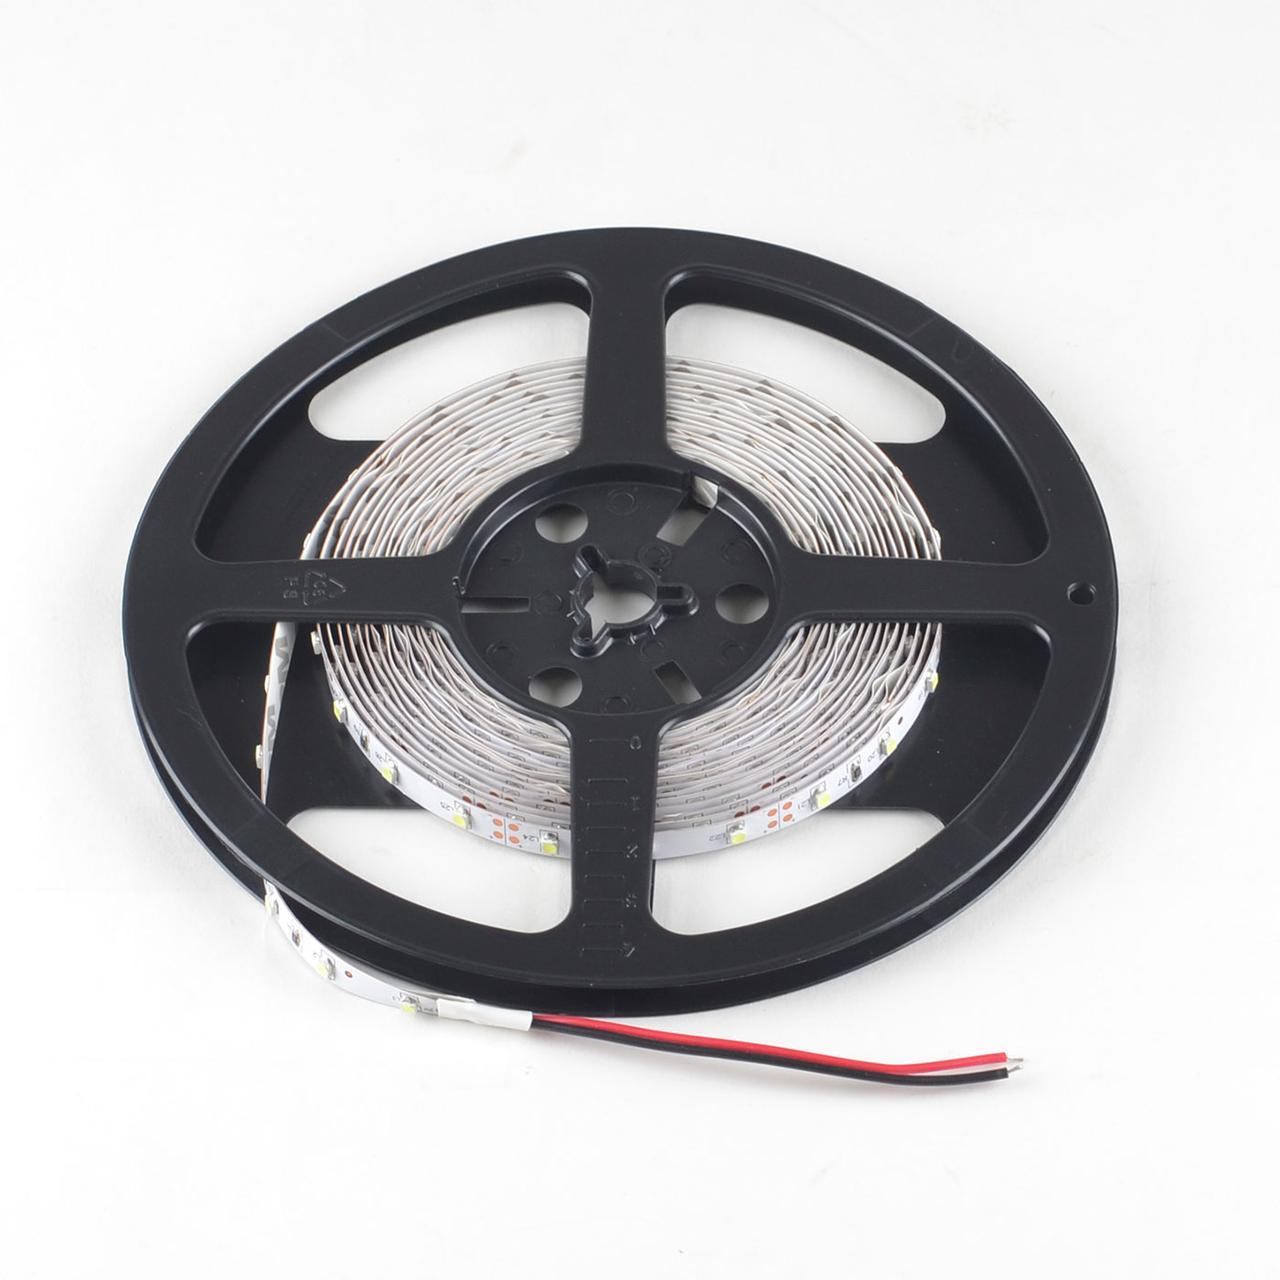 Светодиодная лента Venom SMD 3528 60д.м. негерметичная (IP33) Premium (P-3528120600-B)